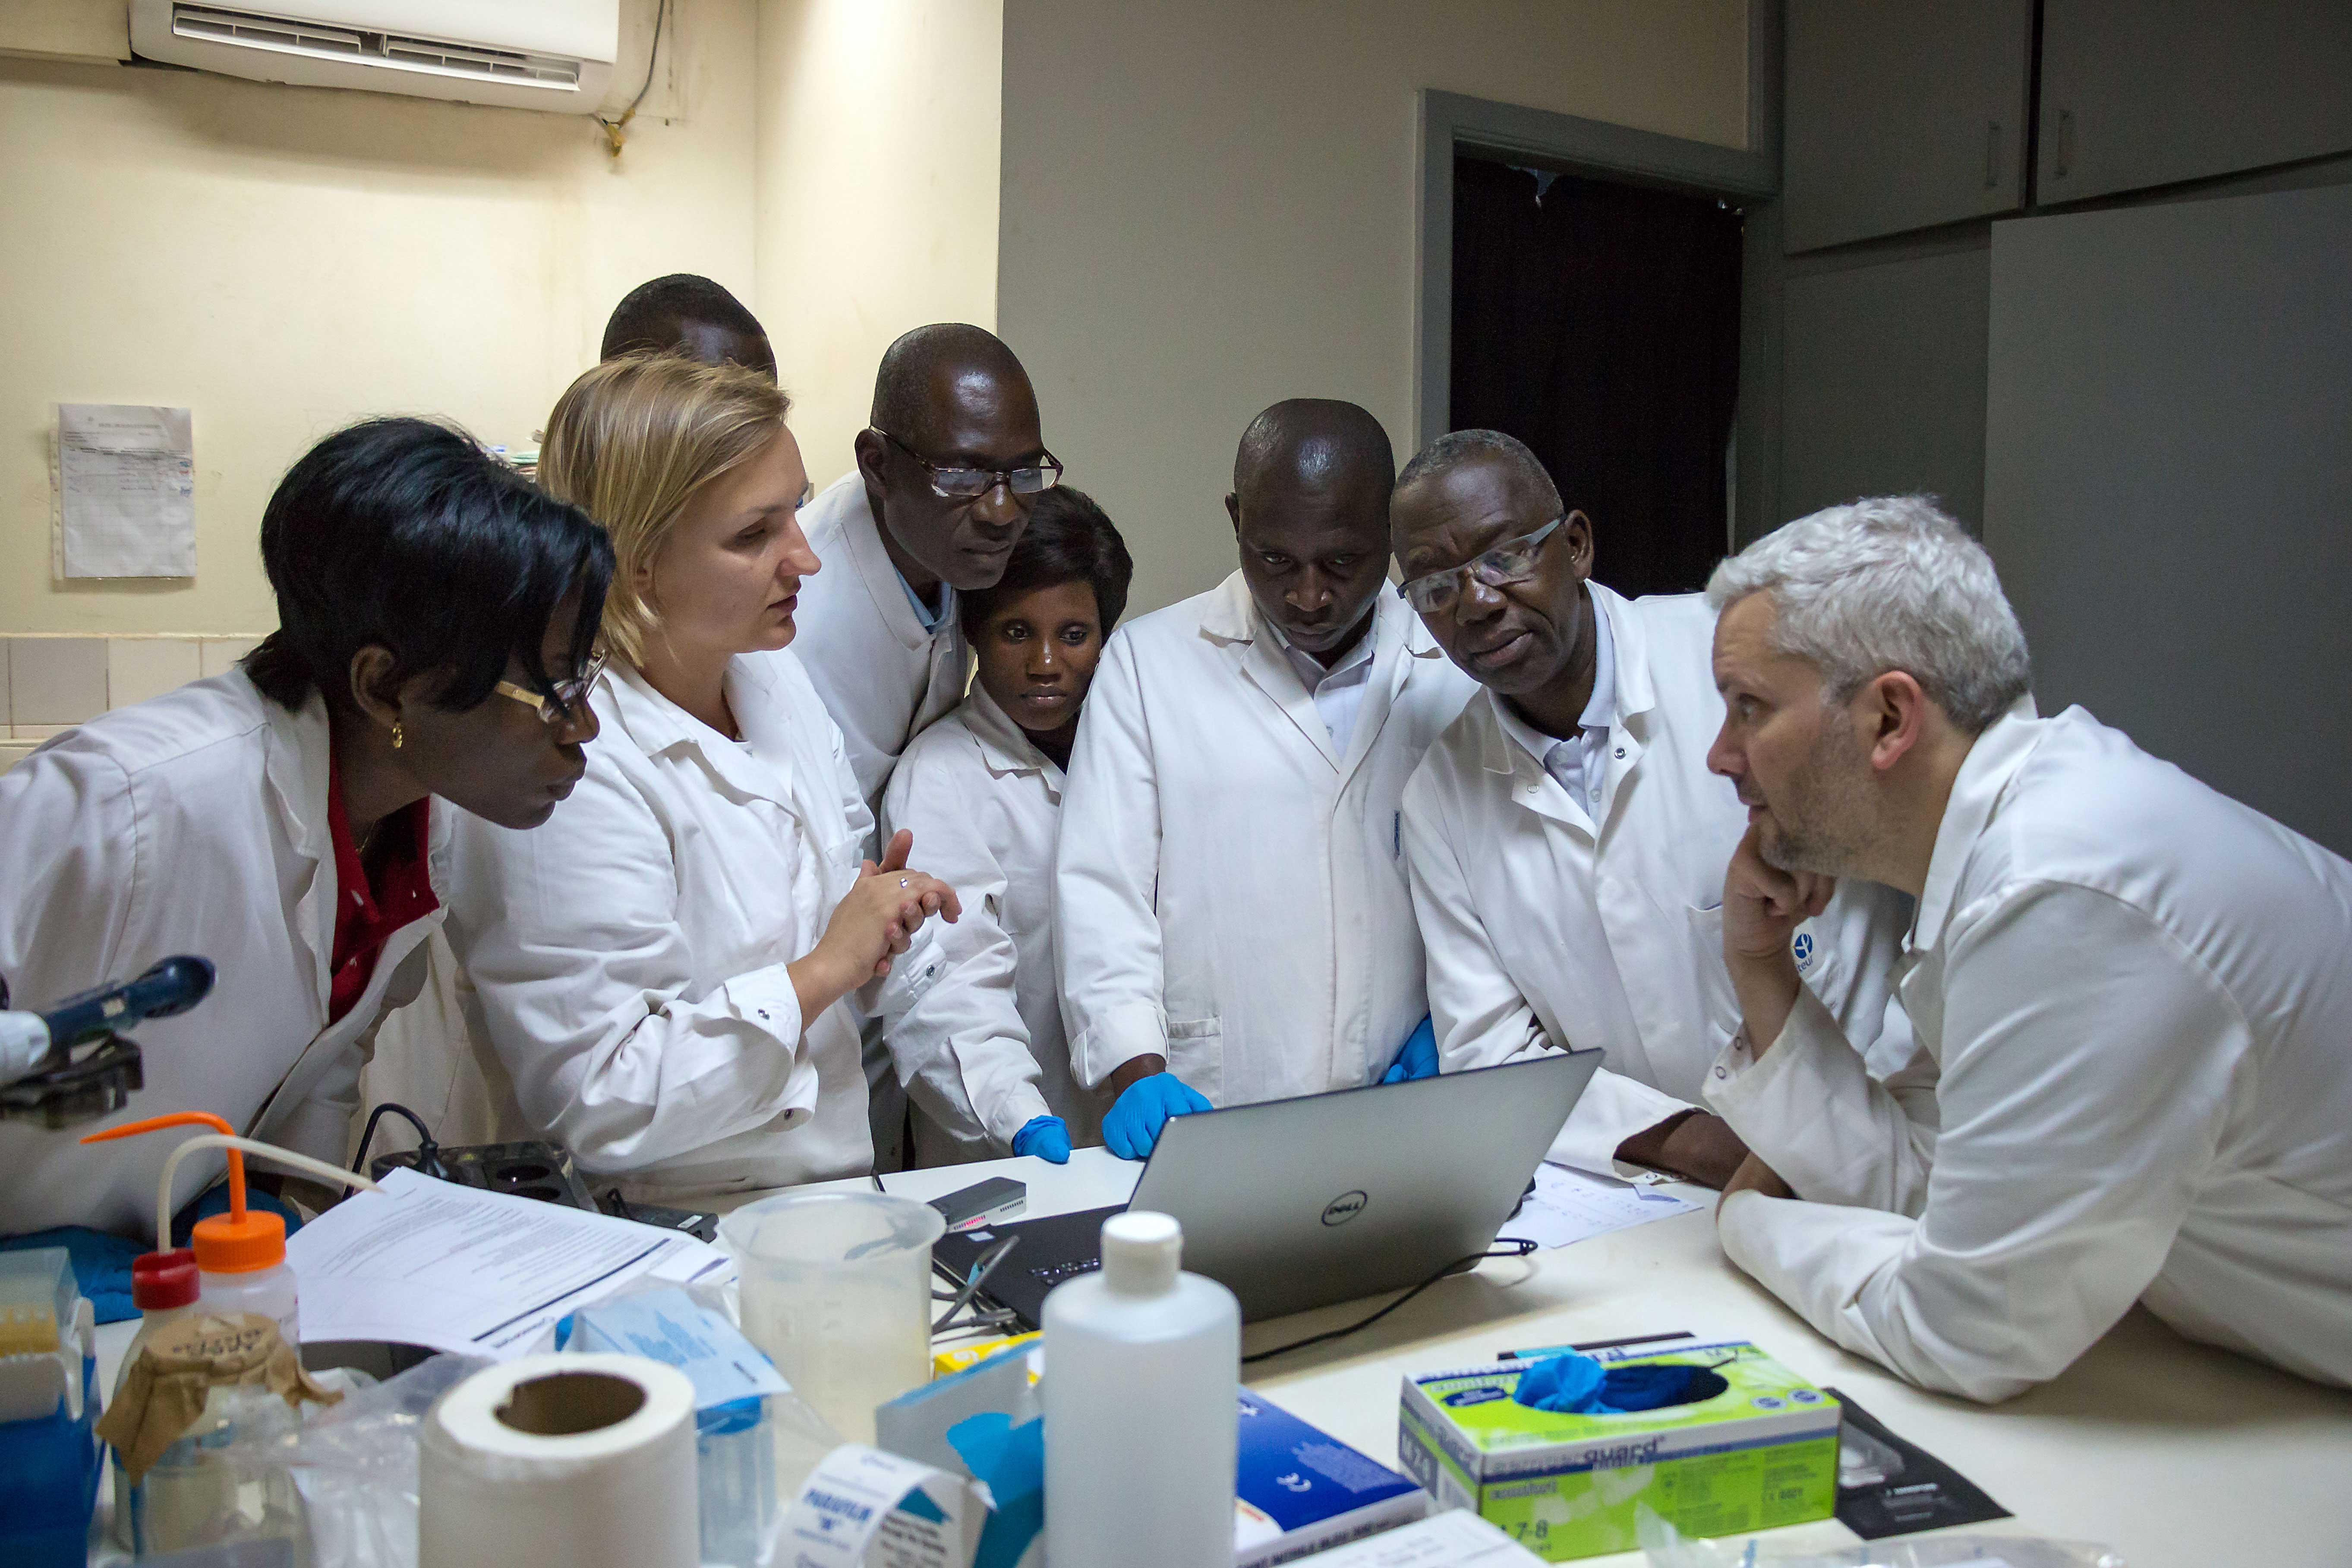 Deux membres de la Cellule d'Intervention Biologique d'Urgence (CIBU) et de l'unité de recherche et d'expertise ERI de l'Institut Pasteur à Paris, le Dr Nicolas BERTHET et Aurélia KWASIBORSKI, ont été accueillis entre le 18 et le 28 juin 2019 à l'Institut Pasteur de Bangui pour l'implémentation de la technologie MinION dans le cadre du projet EBOSURSY.